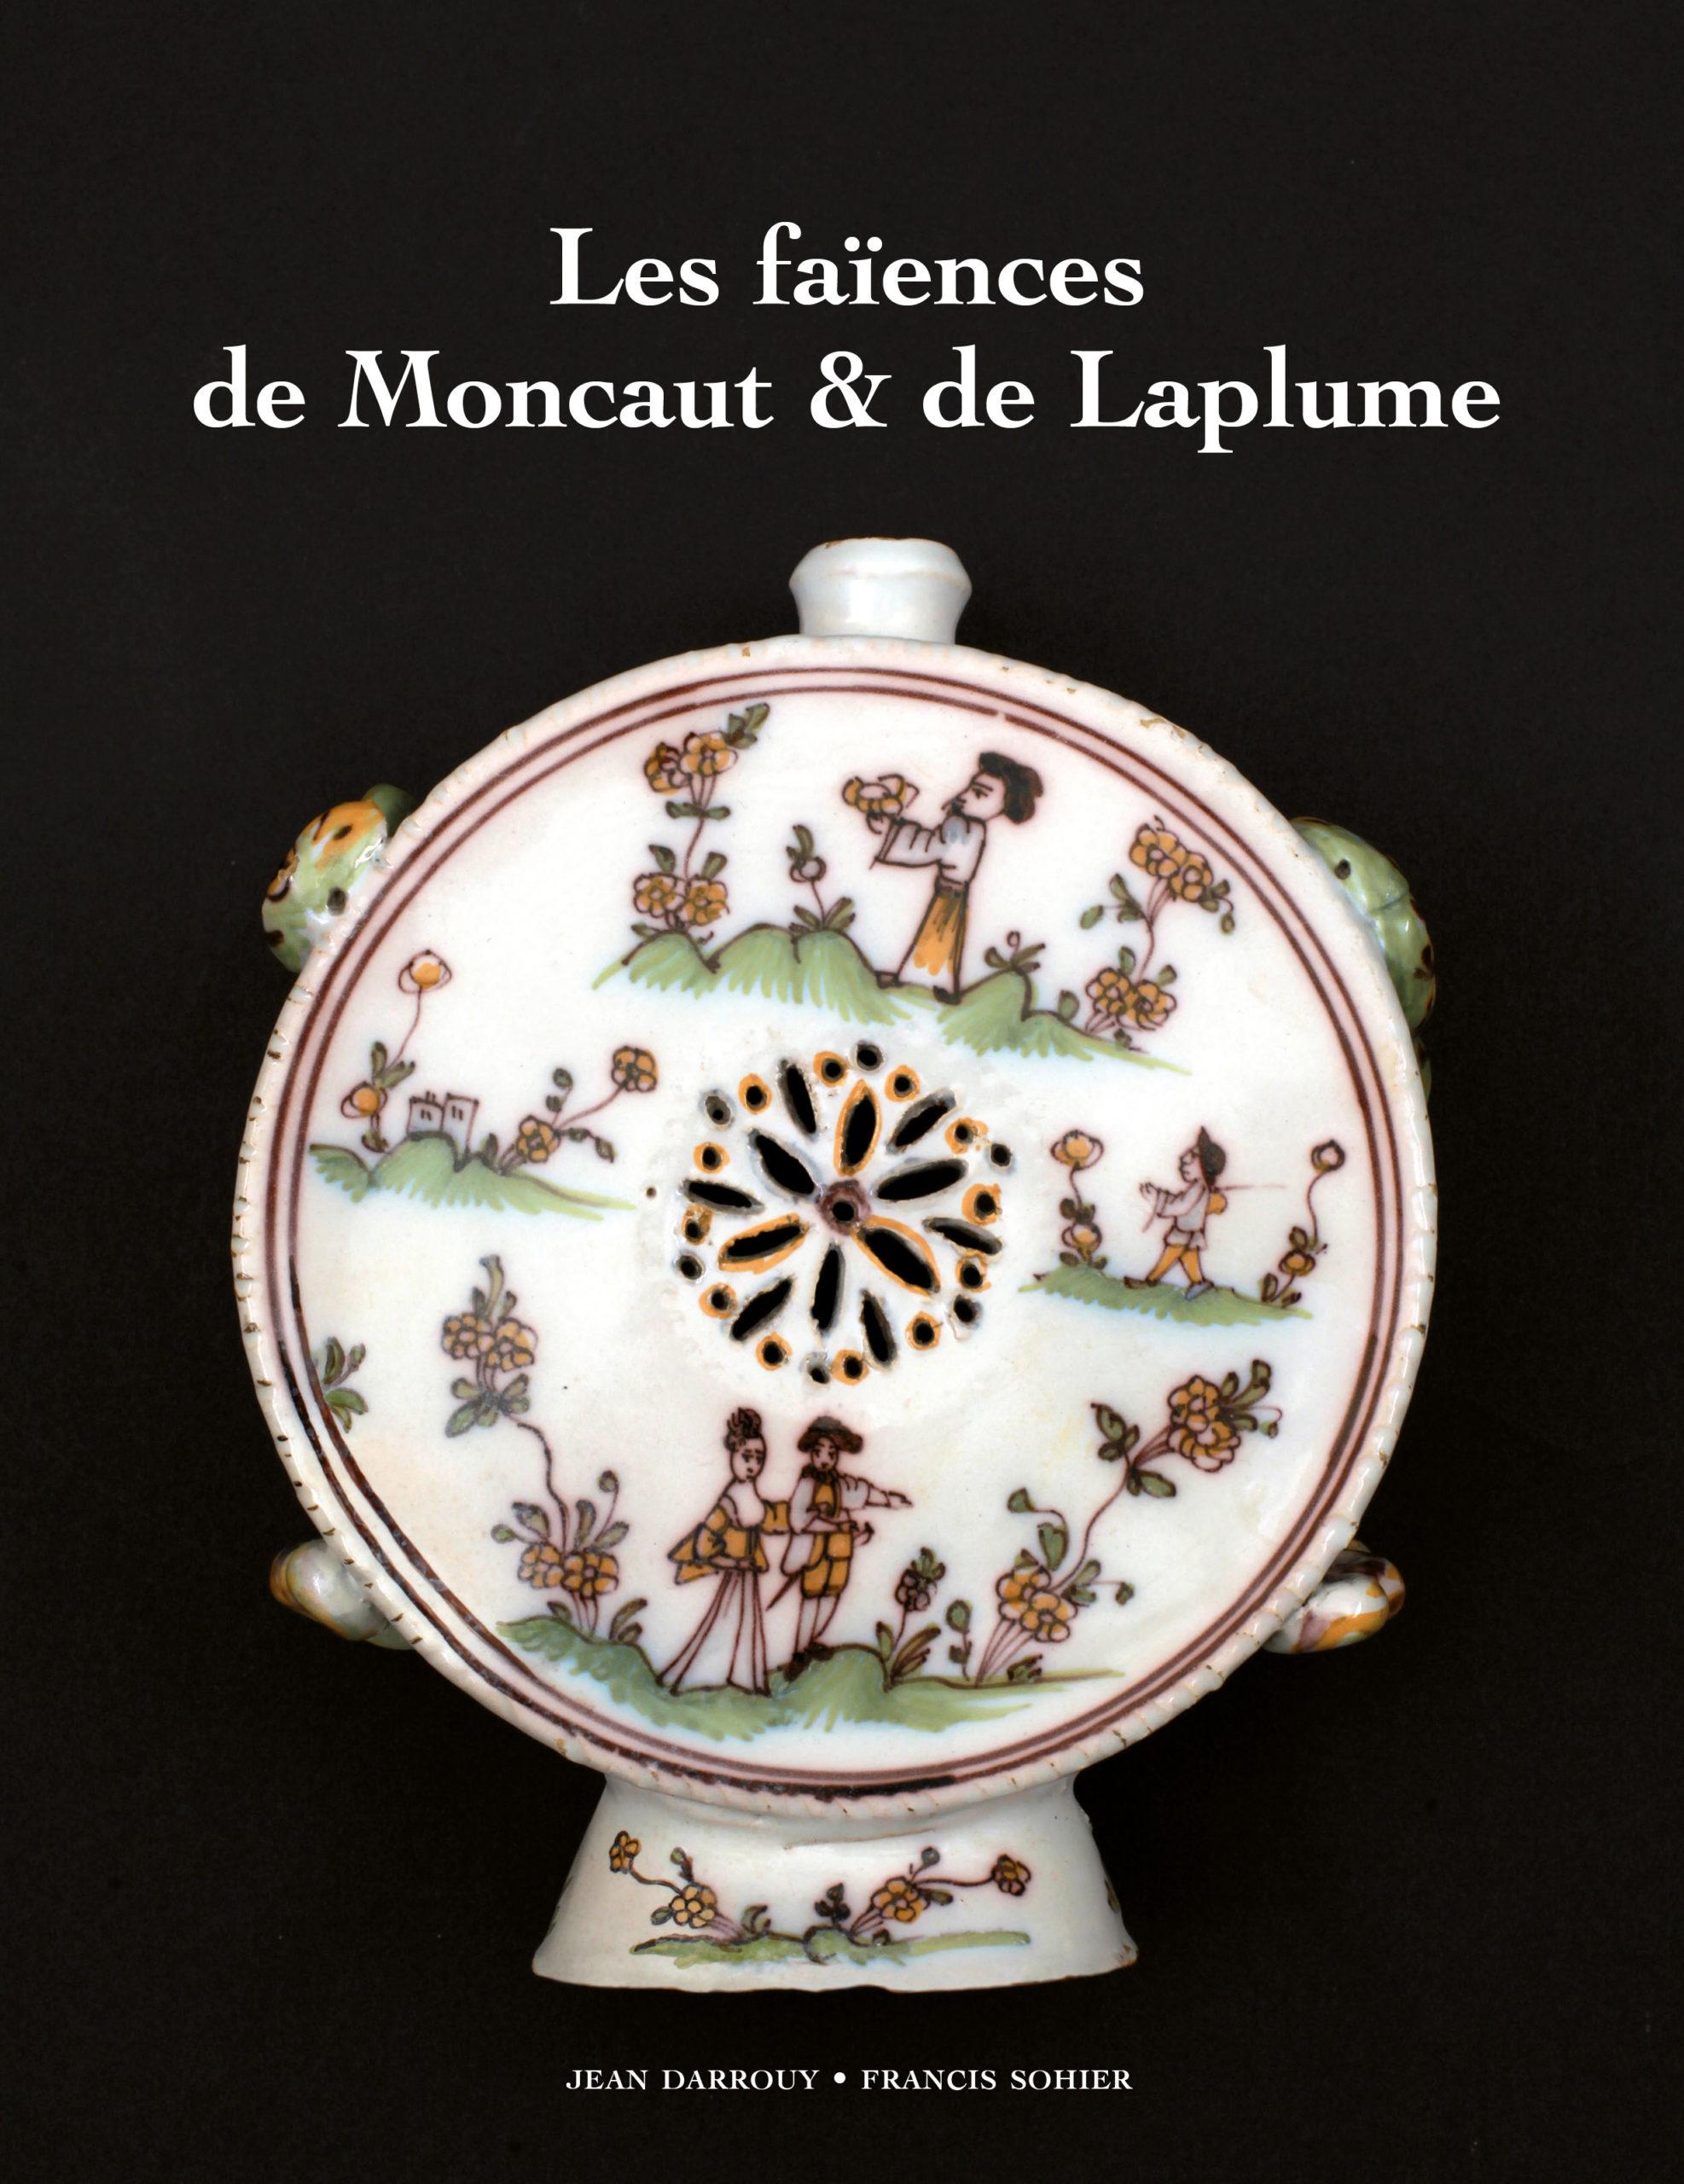 1er juin au 30 septembre 2021 : Les faïences de Moncaut et de Laplume, exposition au Musée des Arts de la table de l'Abbaye de Belleperche